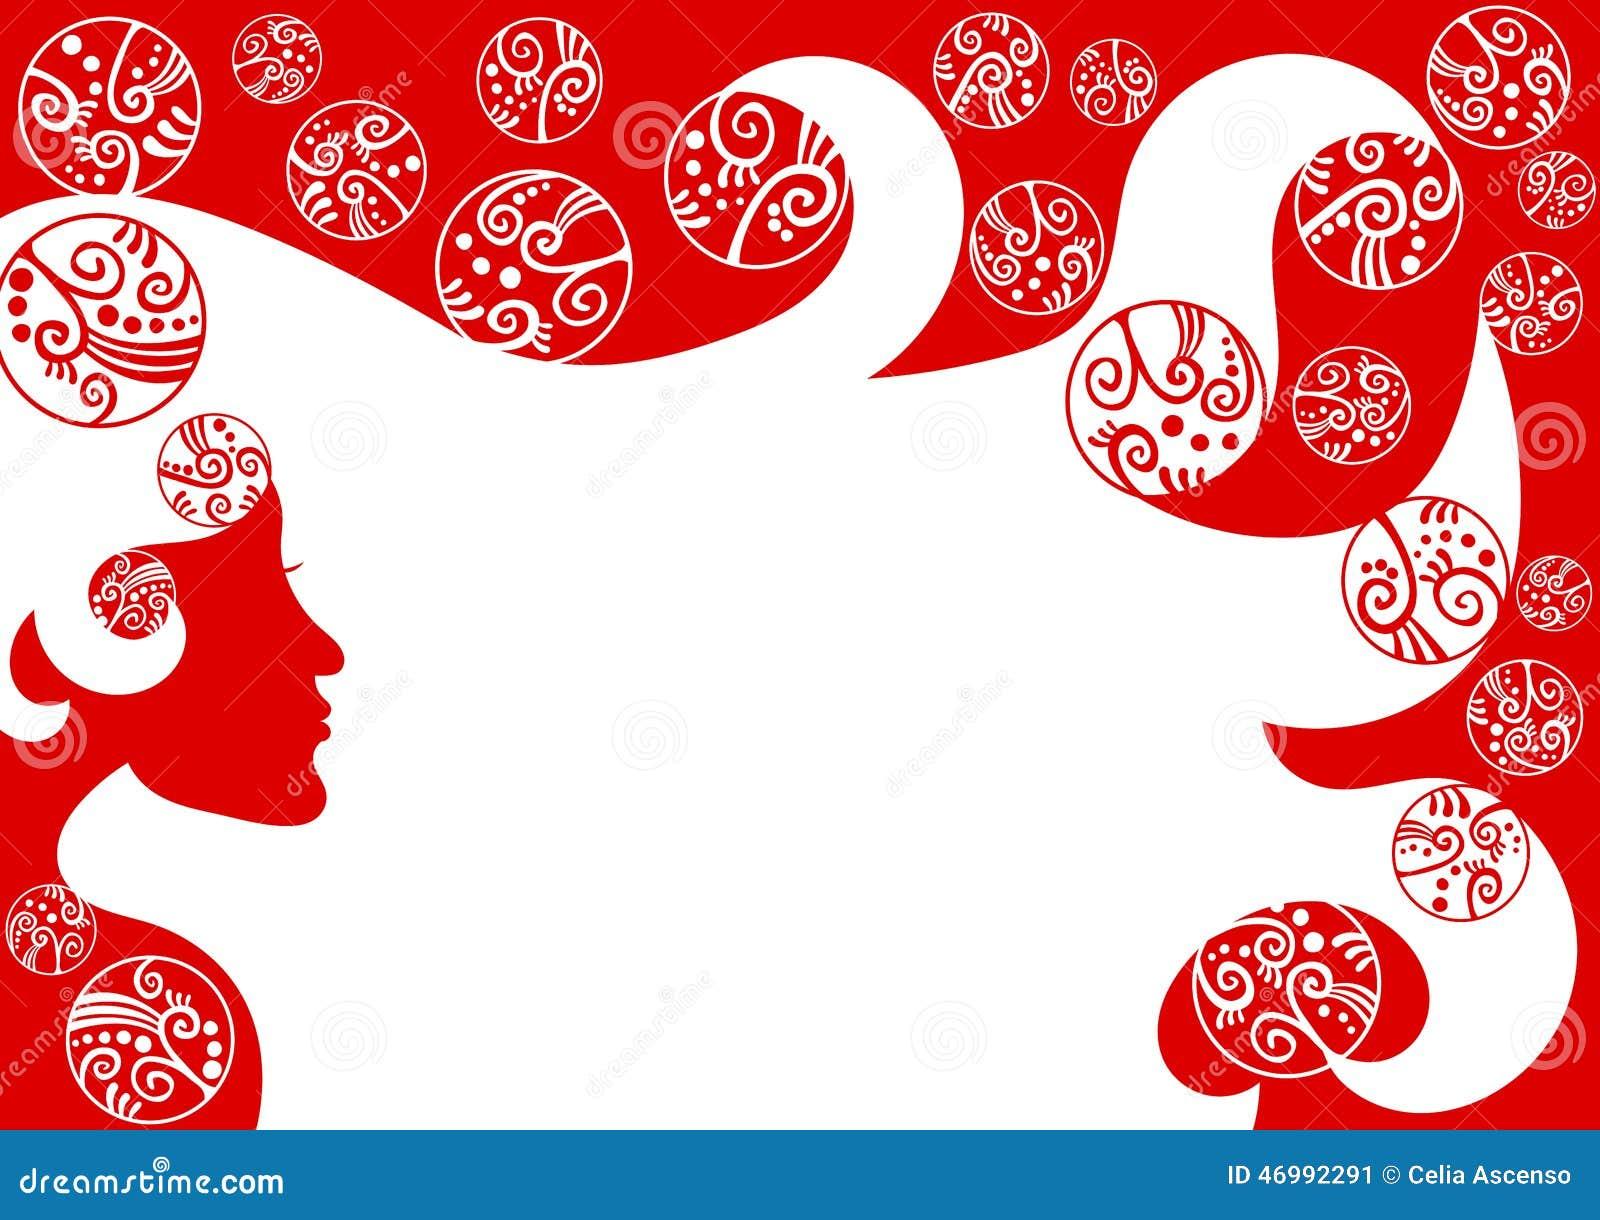 Hair stylist christmas ornaments - Woman Hair Christmas Frame Border